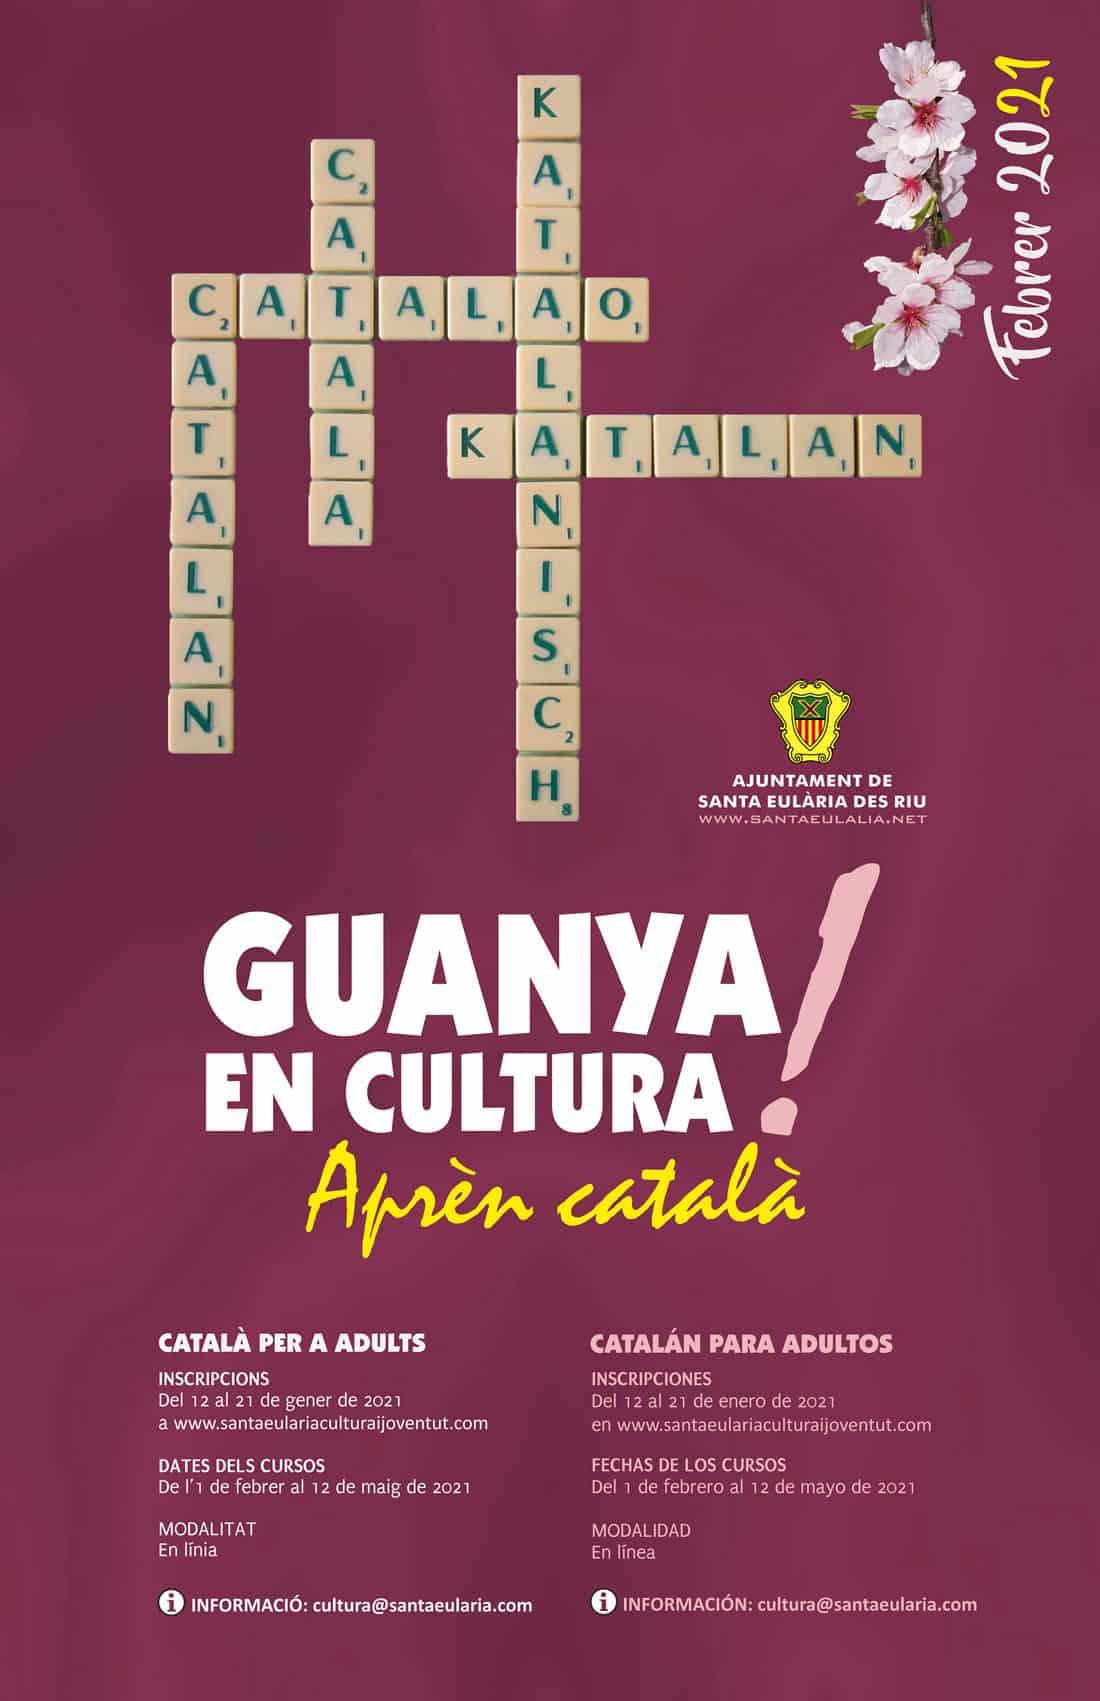 cursos-de-catalan-santa-eulalia-ibiza-2021-welcometoibiza